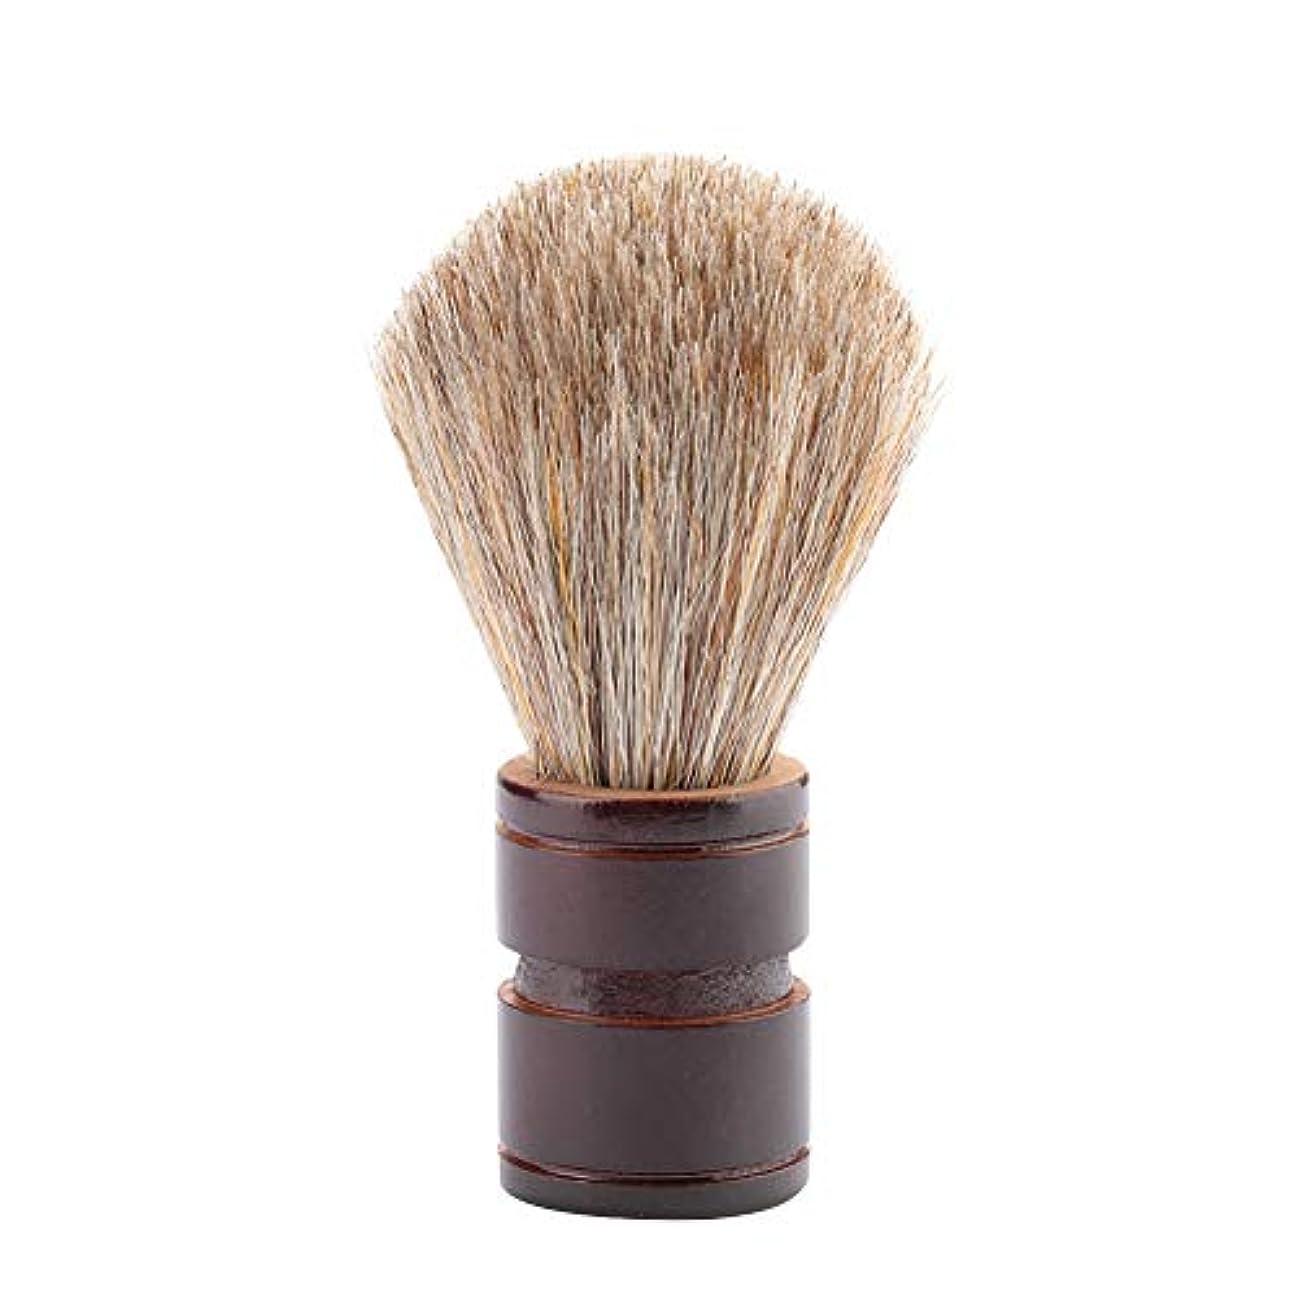 遅れ切り離す歴史的ひげブラシ、2色オプションのポータブルプレミアム品質ブラシ男性のためのひげのケアツール美容院と家庭用缶(ヘム+馬毛)